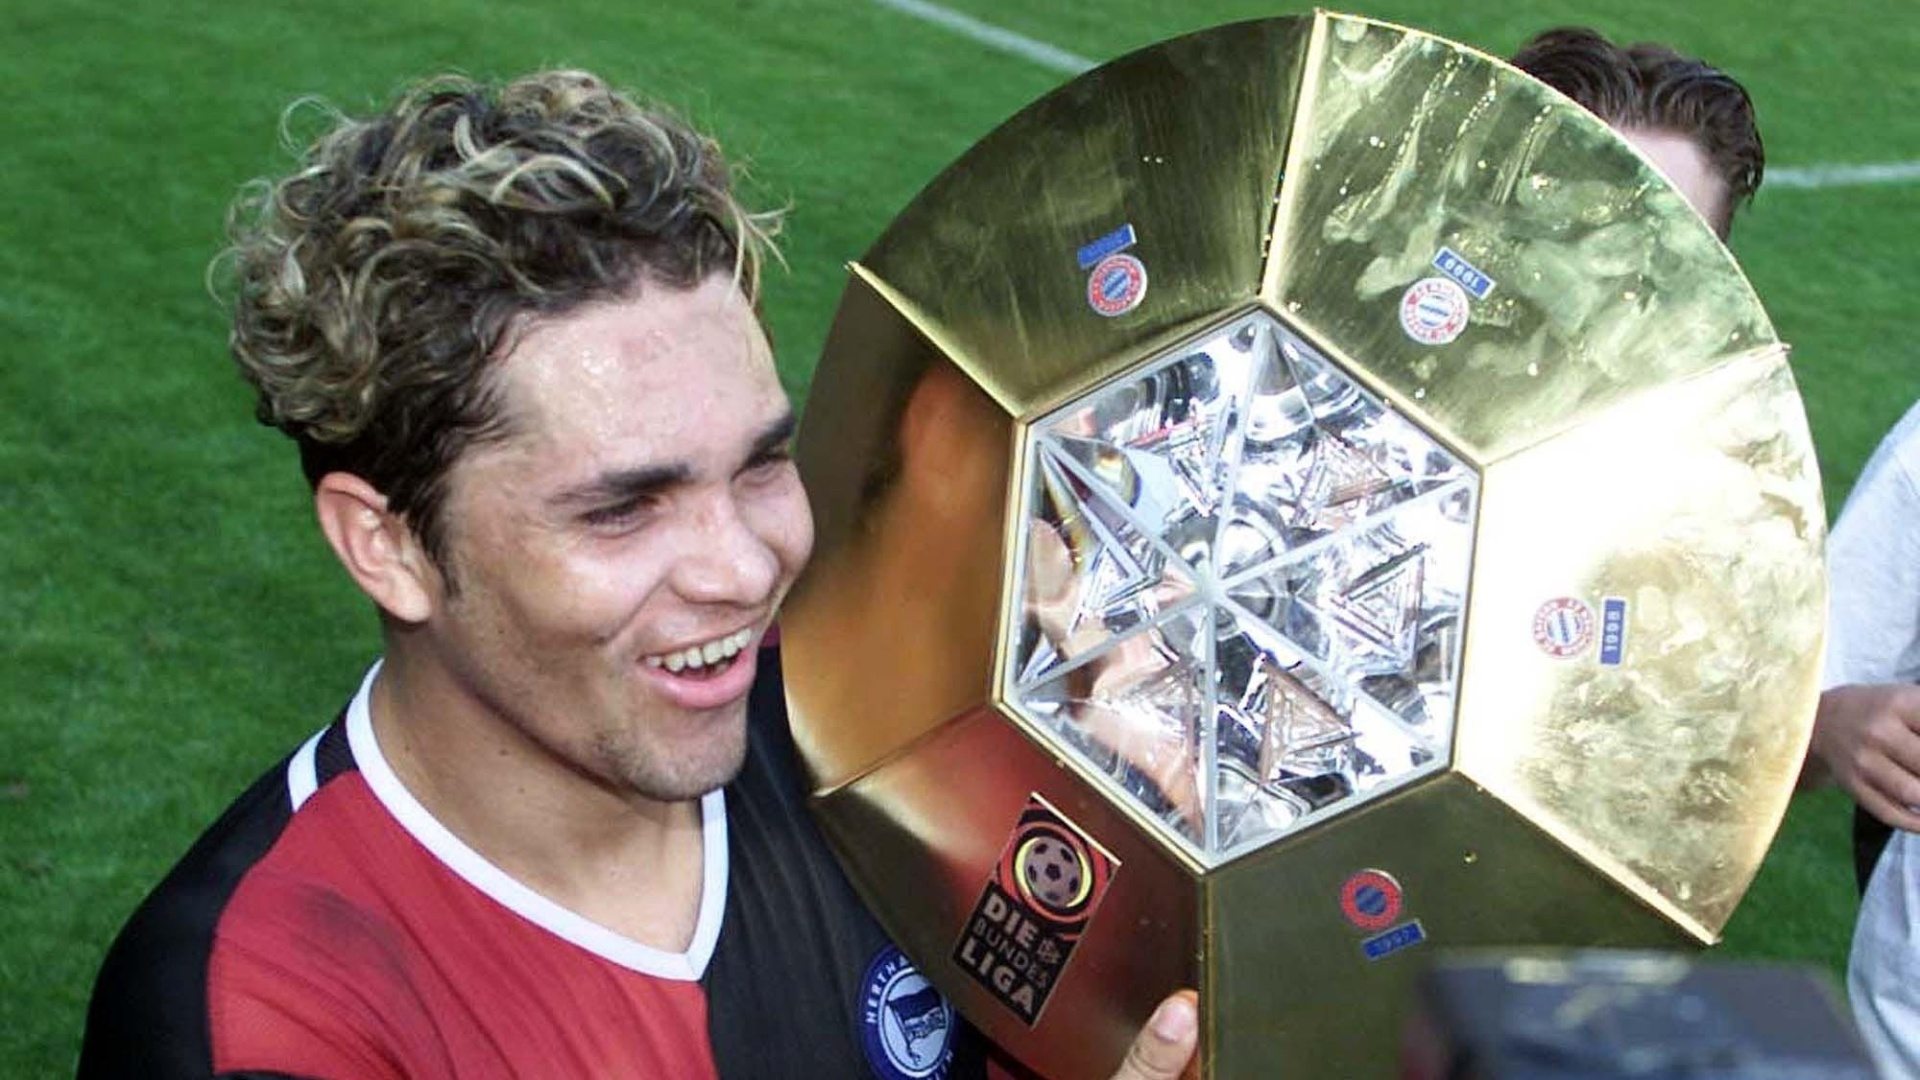 Alex Alves morreu no dia 14 de novembro de 2012, vítima de leucemia. O ex-atacante teve passagens por diversos clubes brasileiros, como Cruzeiro, Palmeiras e Atlético-MG, além do alemão Hertha Berlin